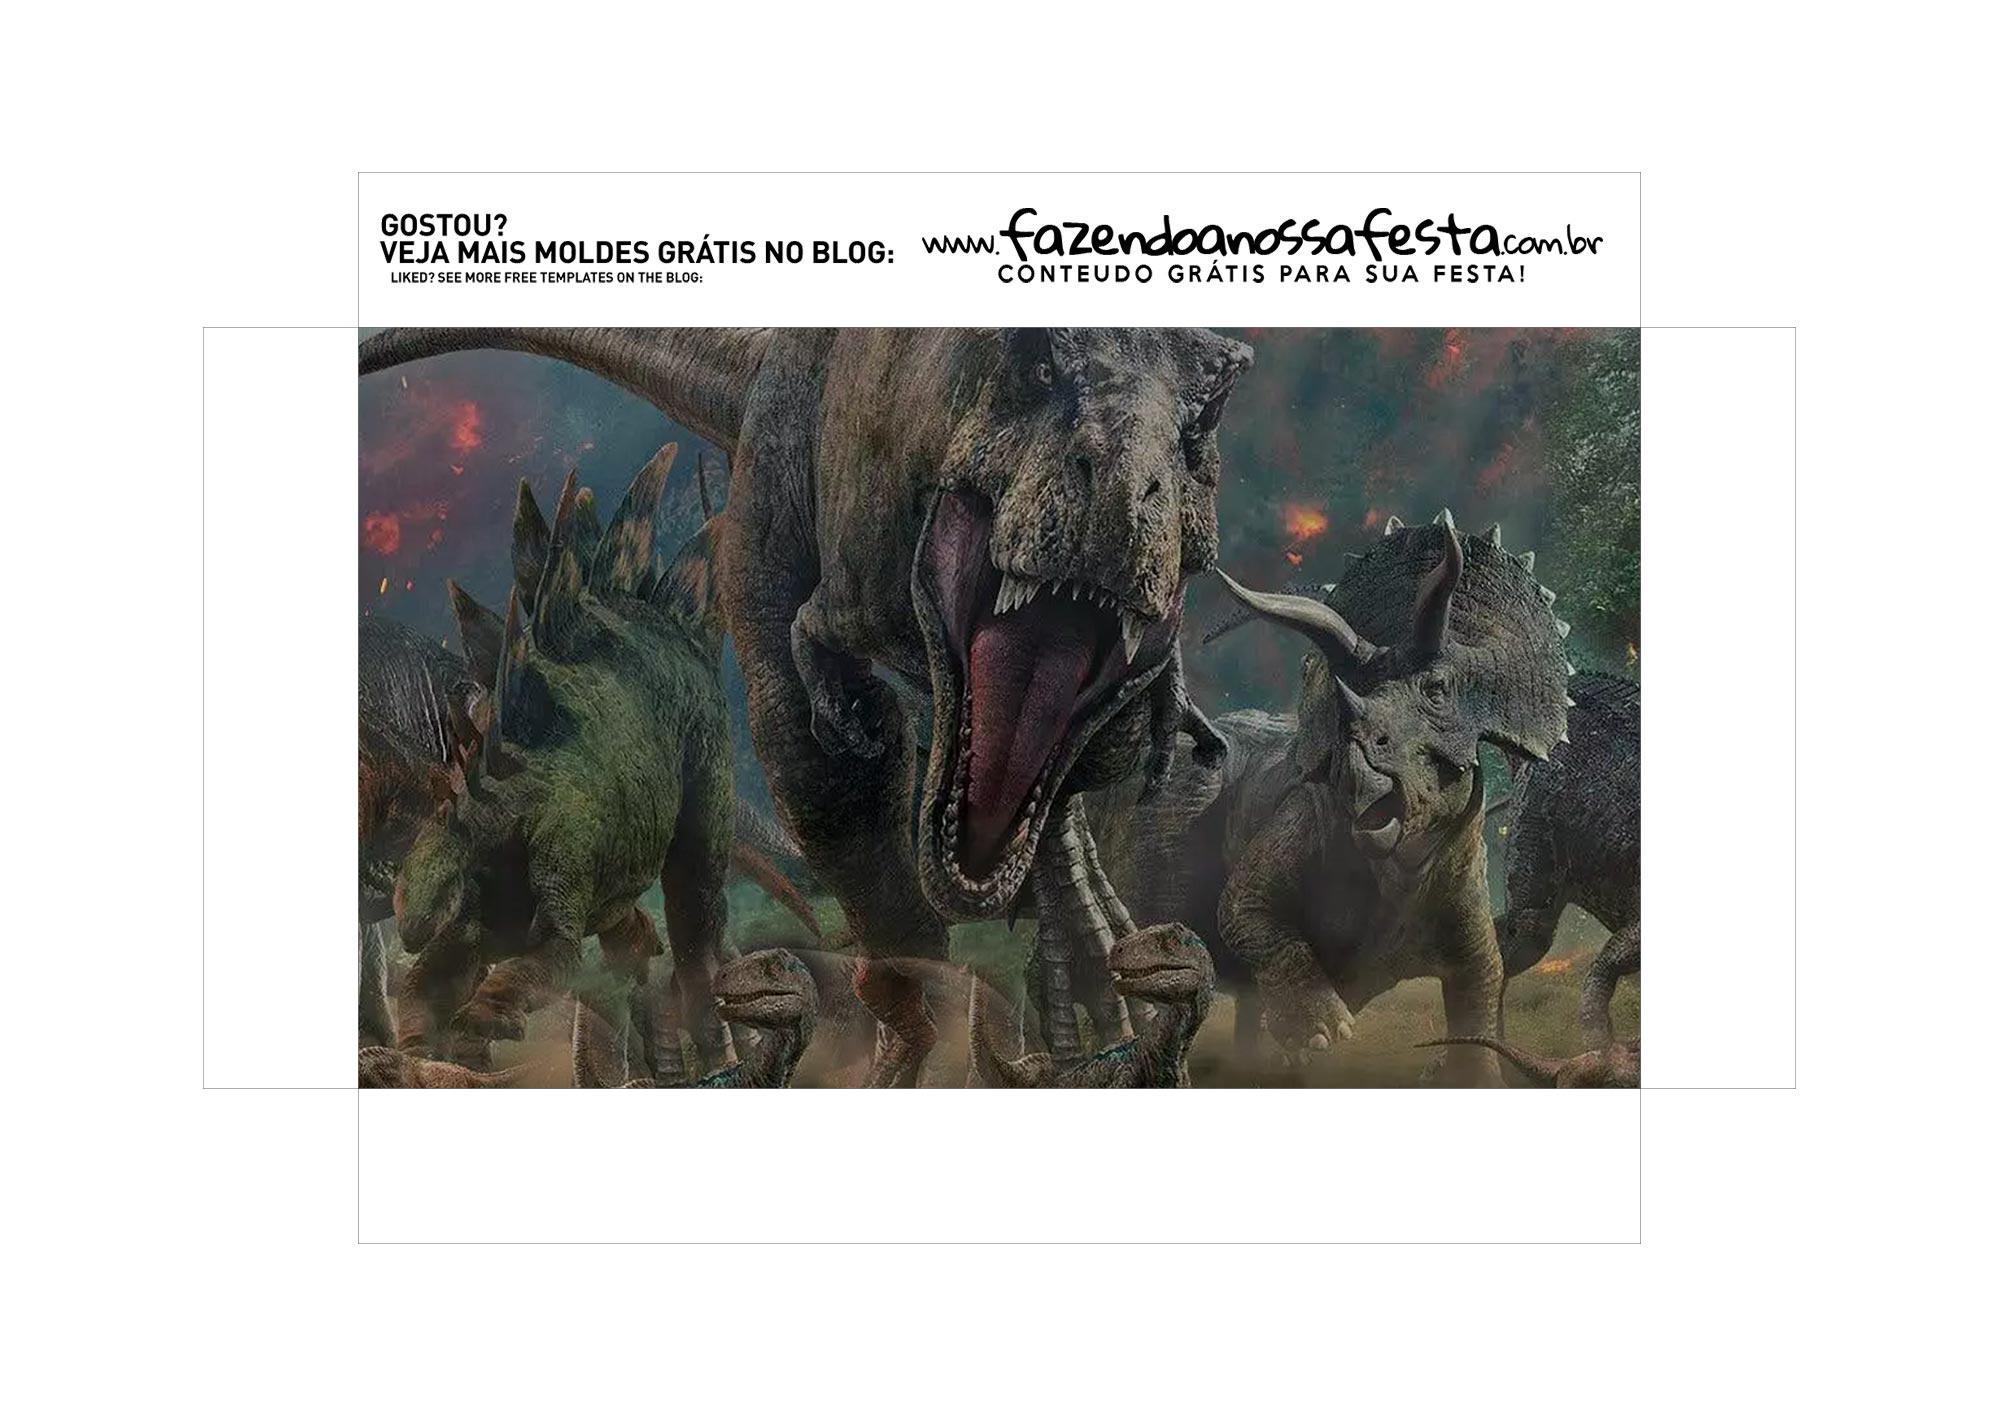 Caixa Explosao Mini Confeiteiro Dinossauro parte 2